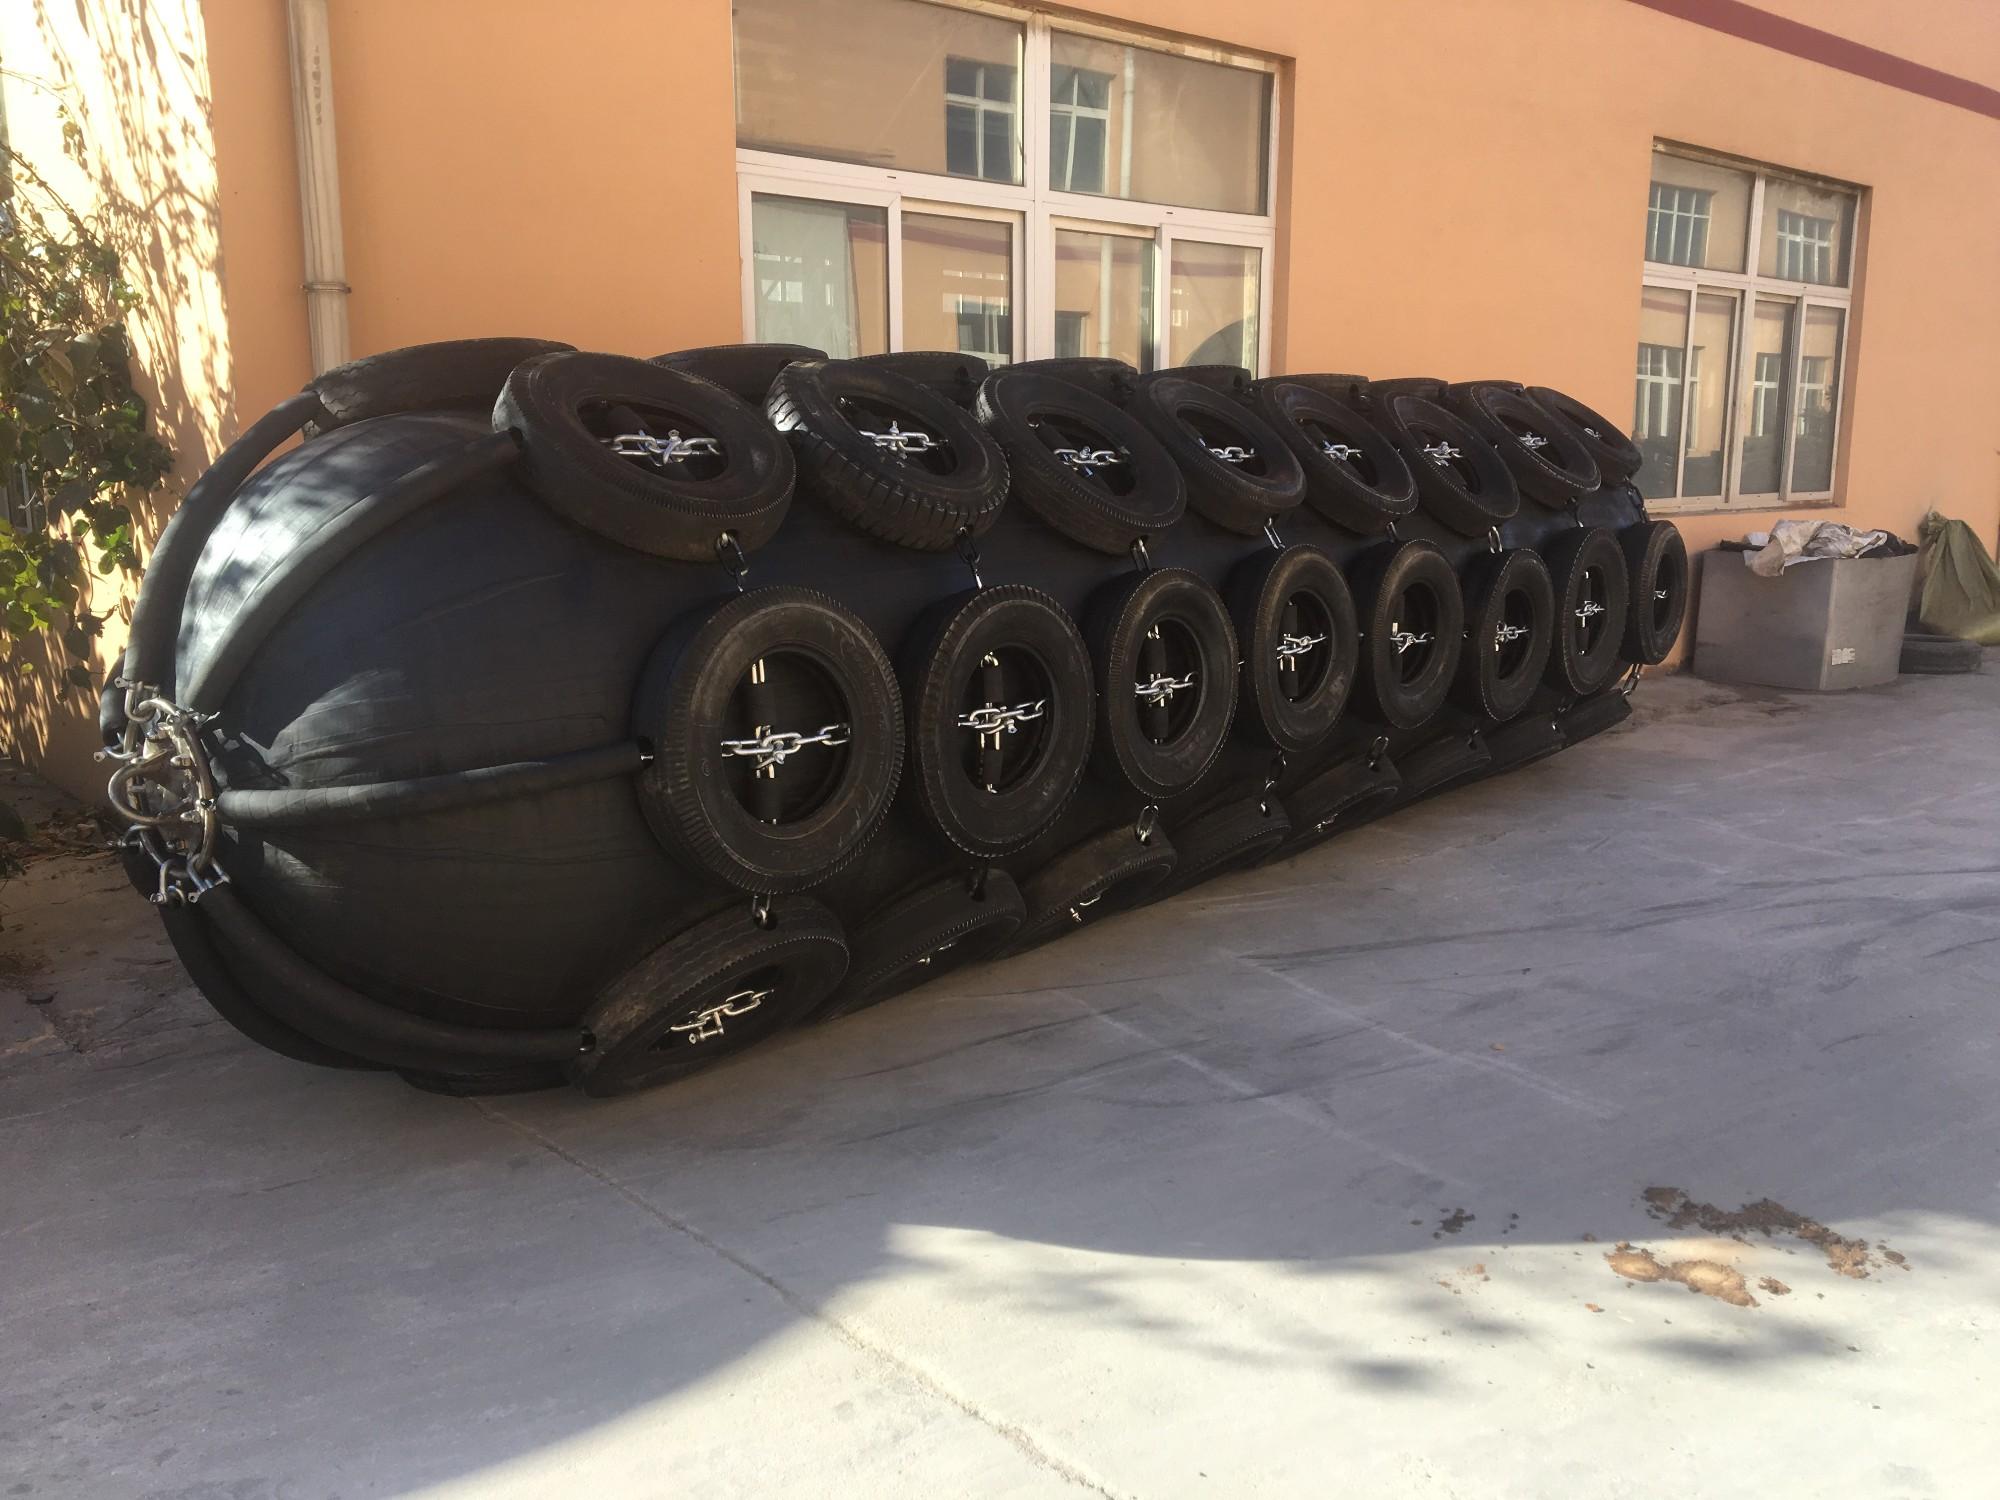 Kaufen Gummi-Fender für große Boote;Gummi-Fender für große Boote Preis;Gummi-Fender für große Boote Marken;Gummi-Fender für große Boote Hersteller;Gummi-Fender für große Boote Zitat;Gummi-Fender für große Boote Unternehmen